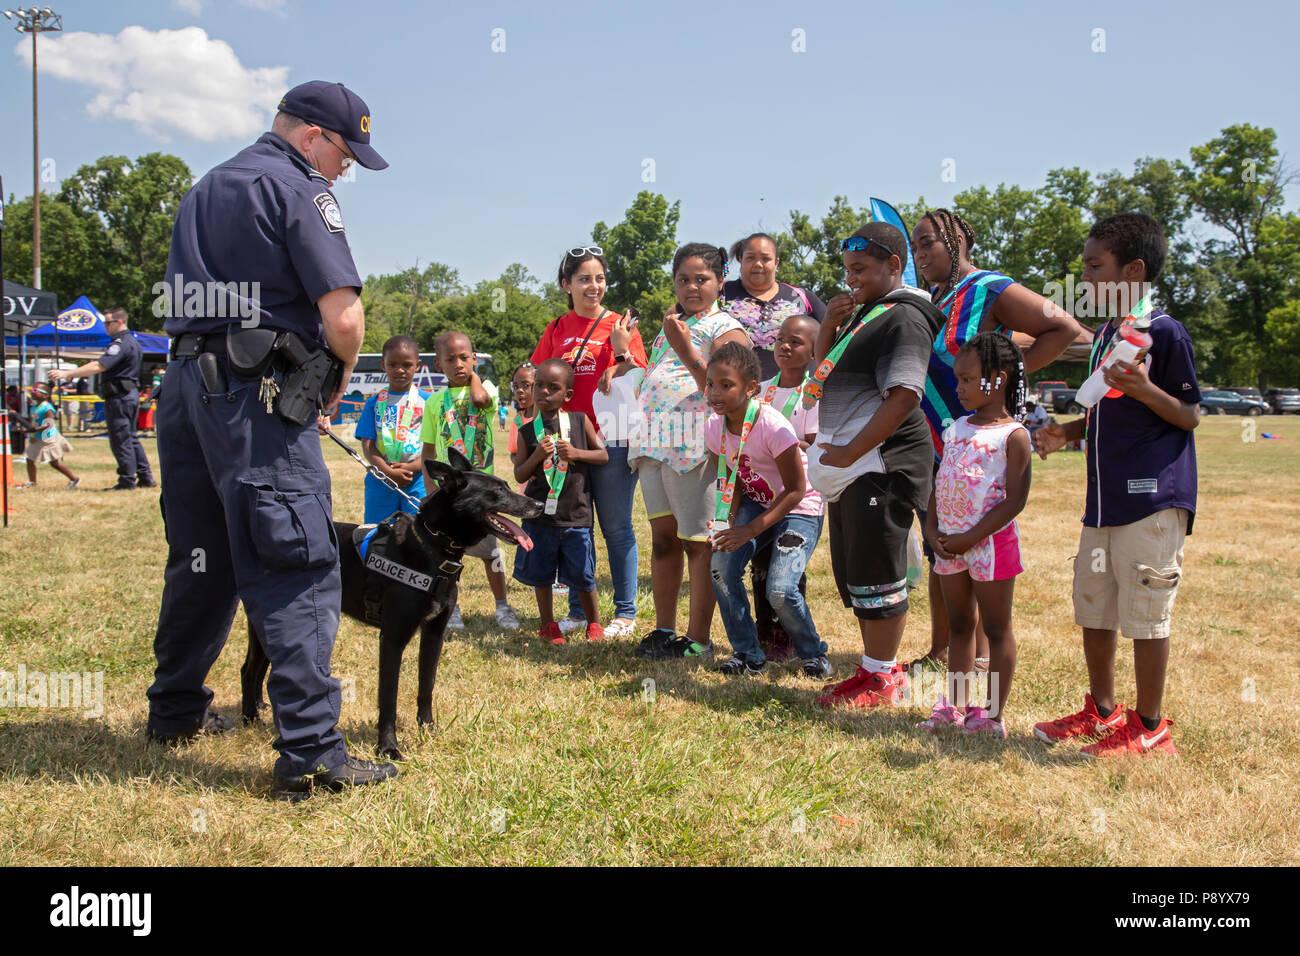 Detroit, Michigan - UN U.S. Customs and Border Protection officer montre son chien, Buddy, aux enfants à la Metro Detroit de la jeunesse. Buddy est formé pour det Photo Stock